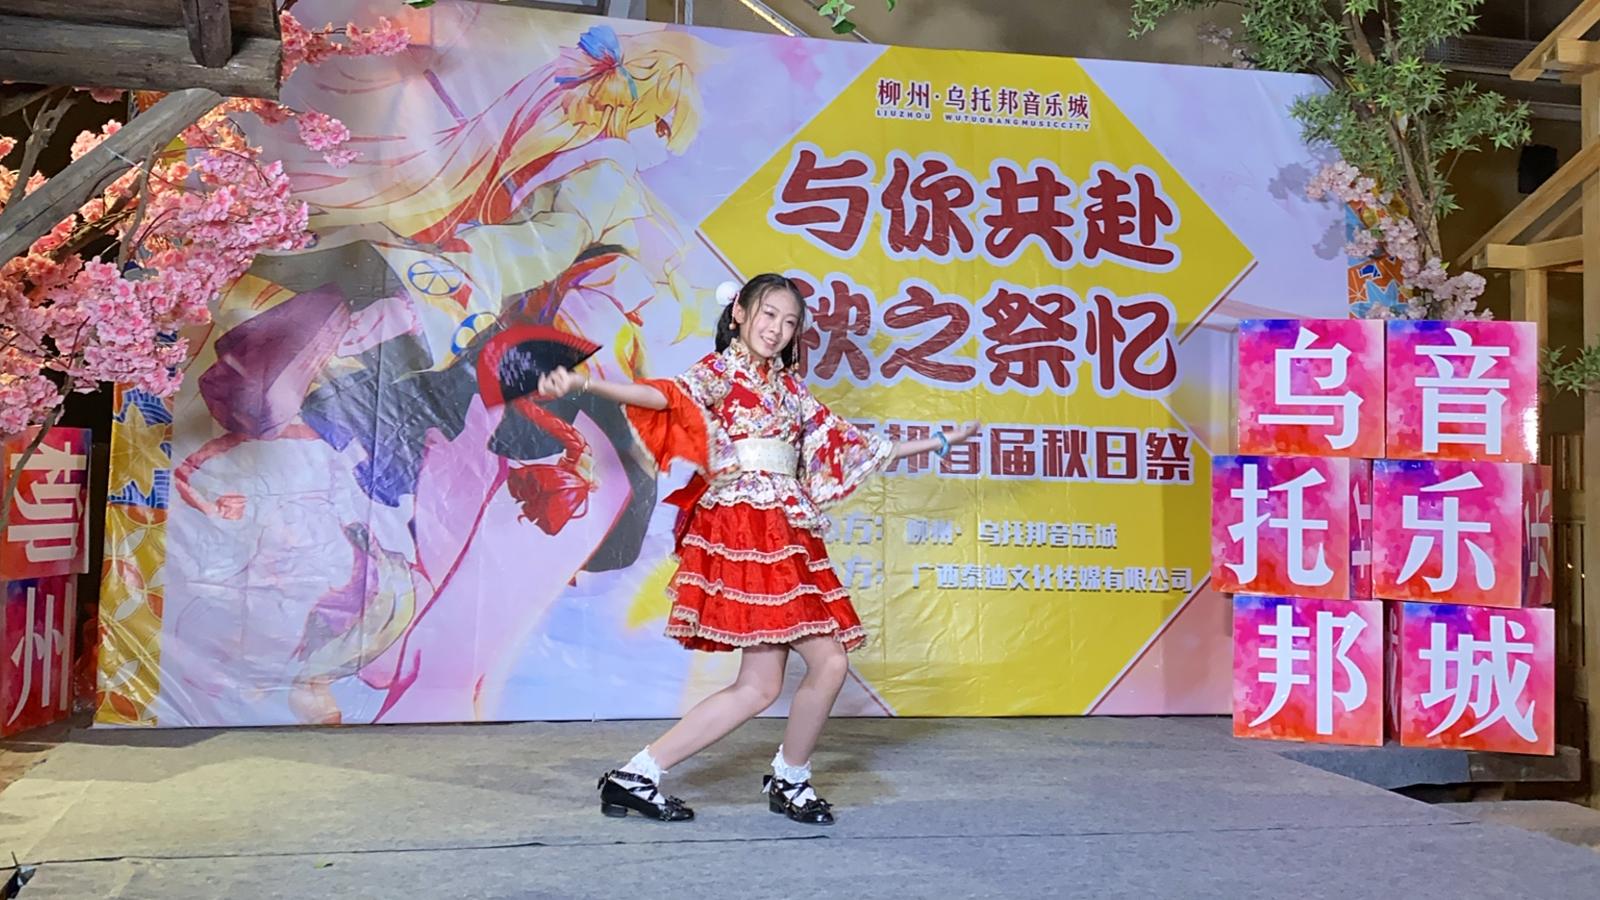 柳州小女生冰冰乌托邦音乐城秋日祭宅舞比赛LIVE千本樱